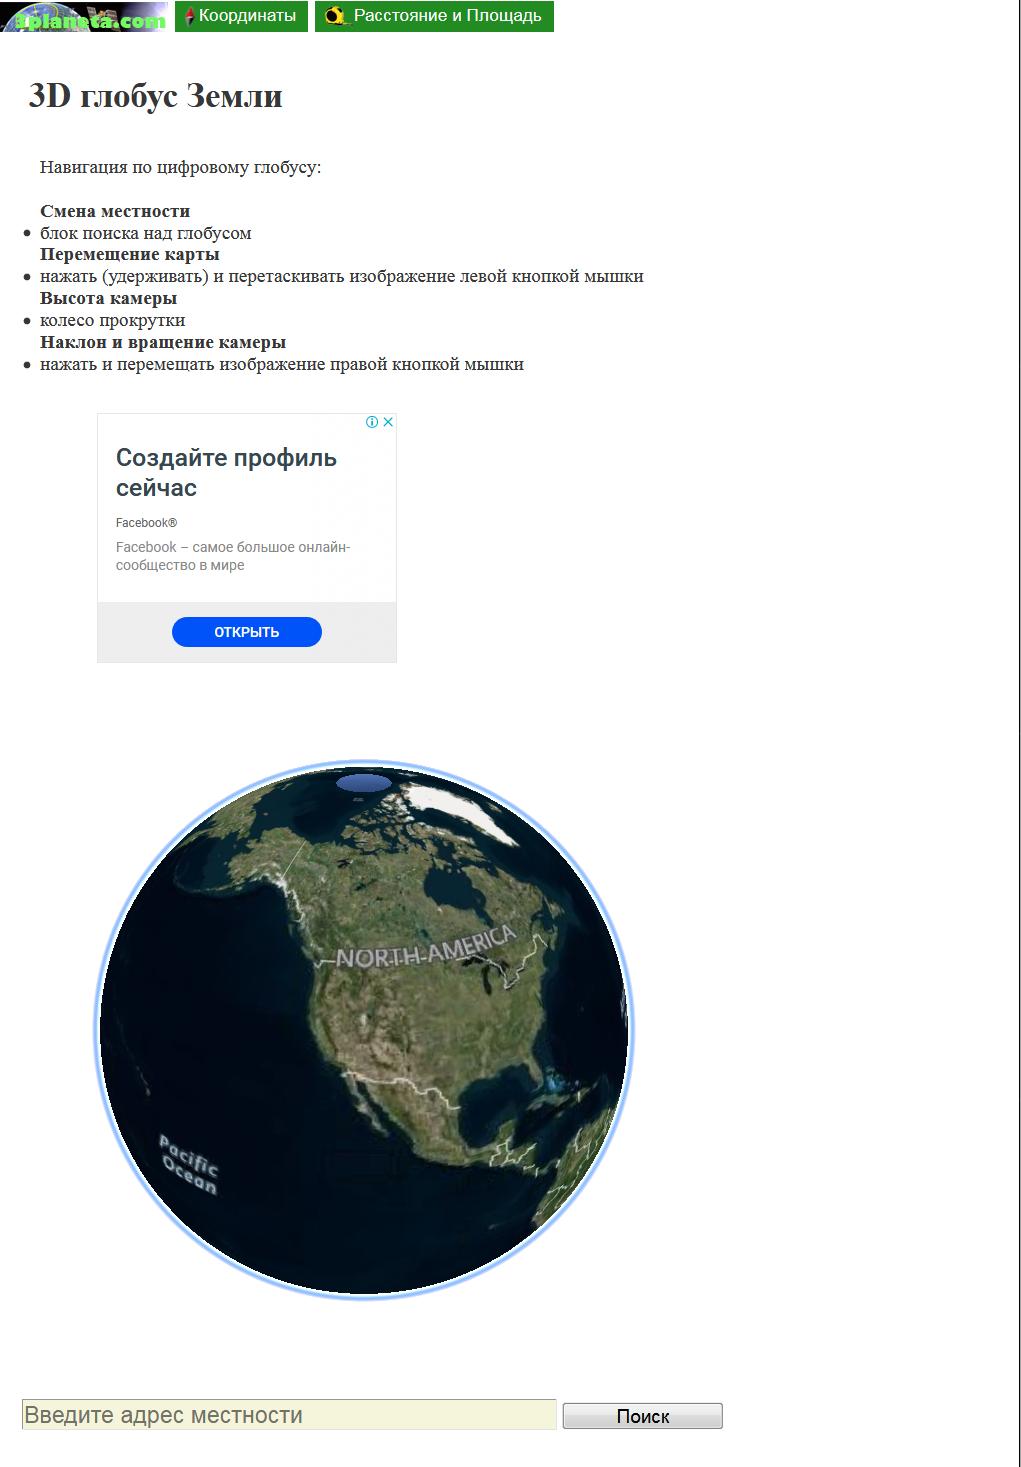 Глобус Земли 3D модель онлайн 3planeta.com